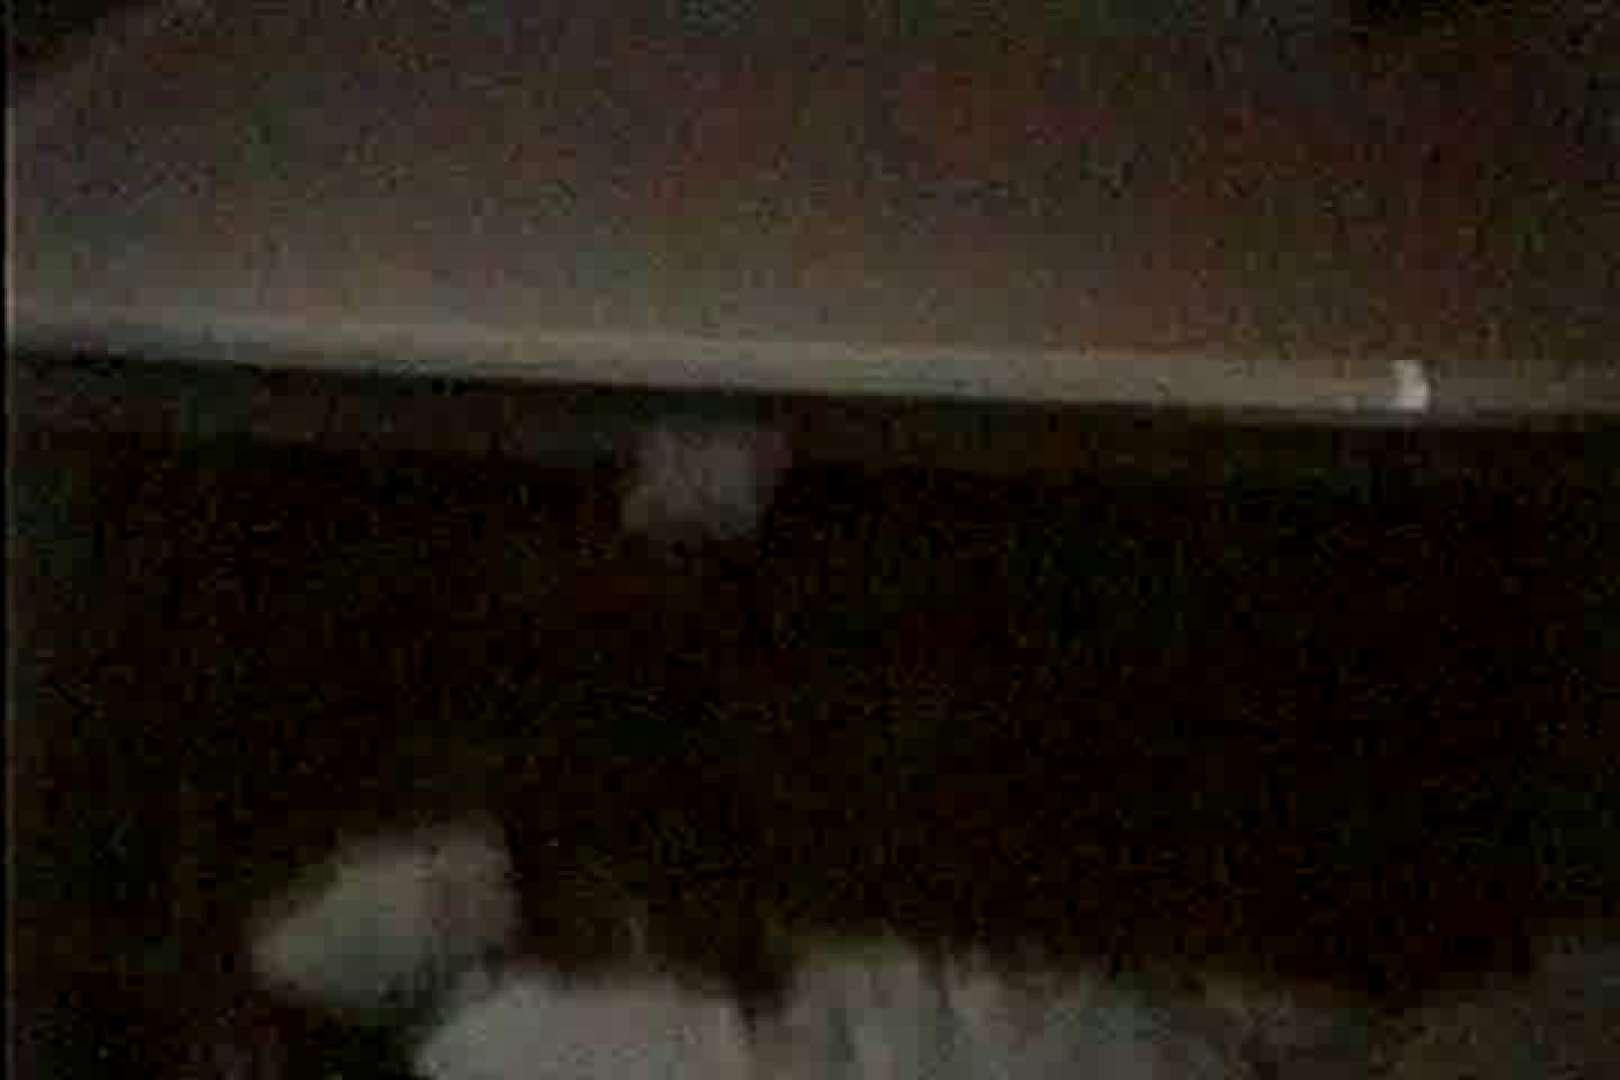 車の中はラブホテル 無修正版  Vol.8 車 エロ無料画像 68連発 19